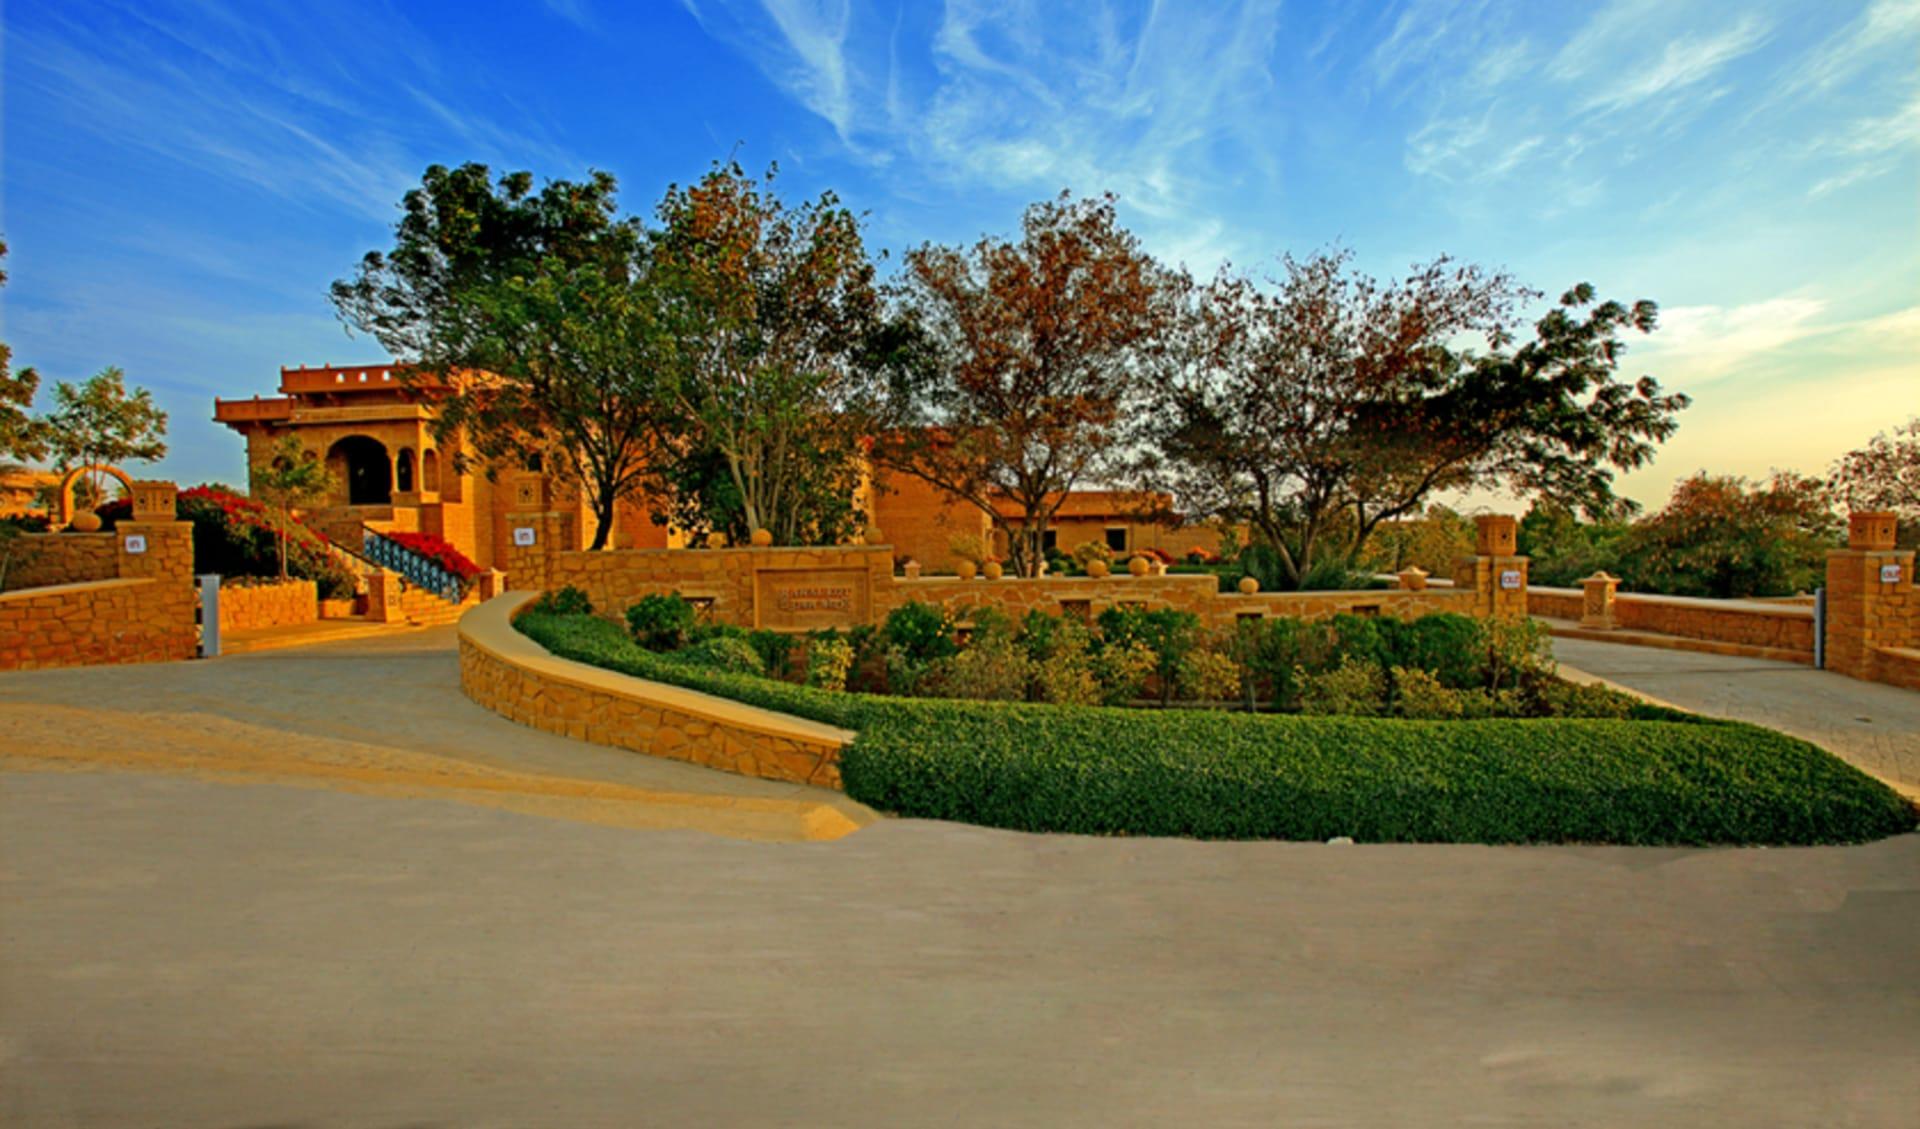 Rawalkot in Jaisalmer: Entrance